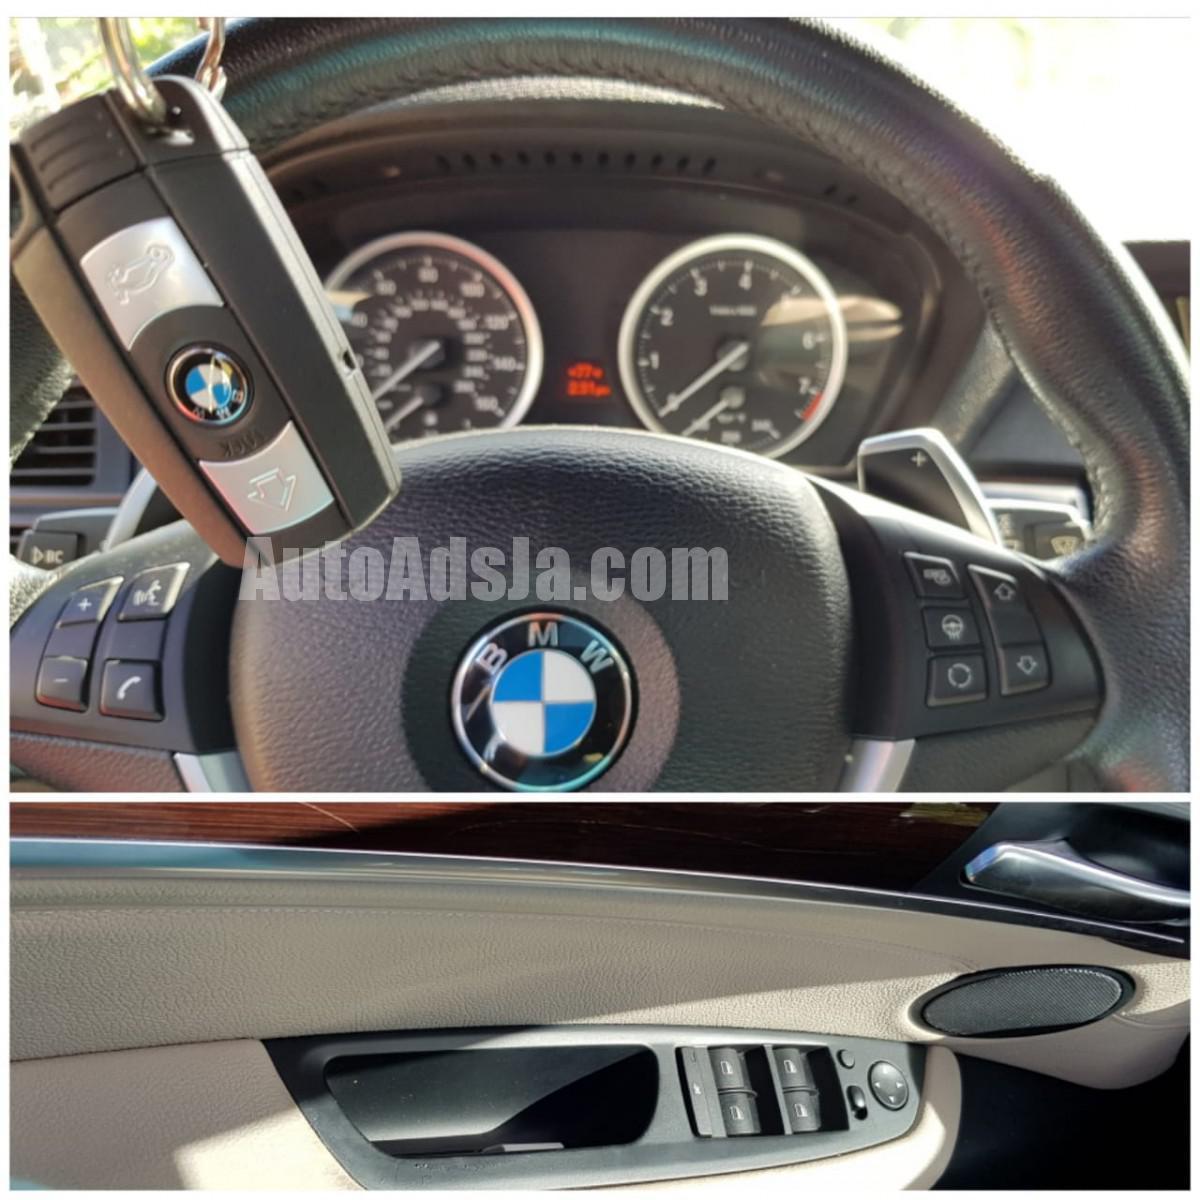 Bmw X6 Specs 2013: 2013 BMW X6 For Sale In St. James, Jamaica